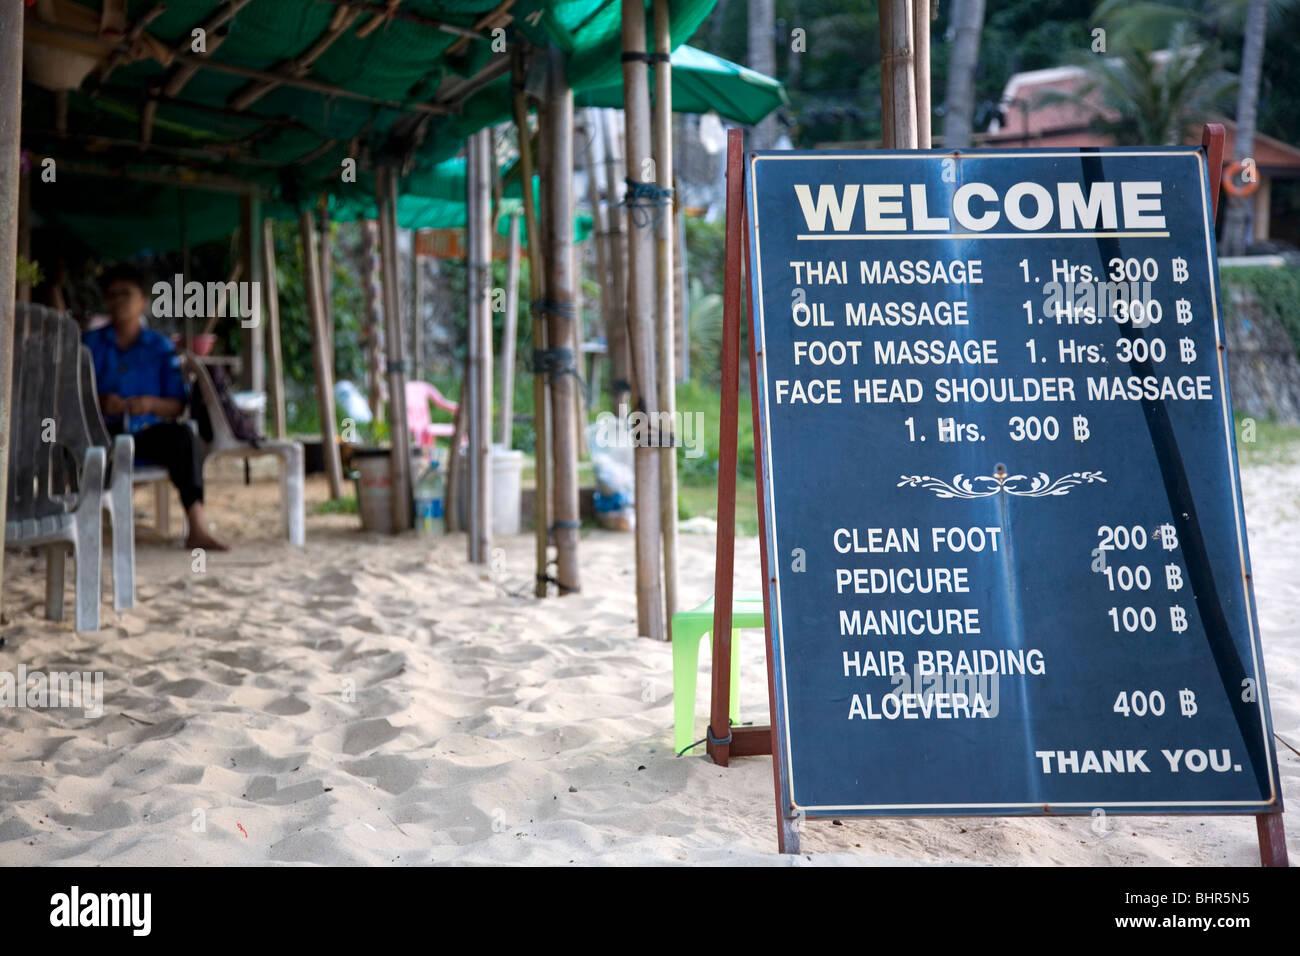 Thai Massage prices on Karon Beach - Stock Image